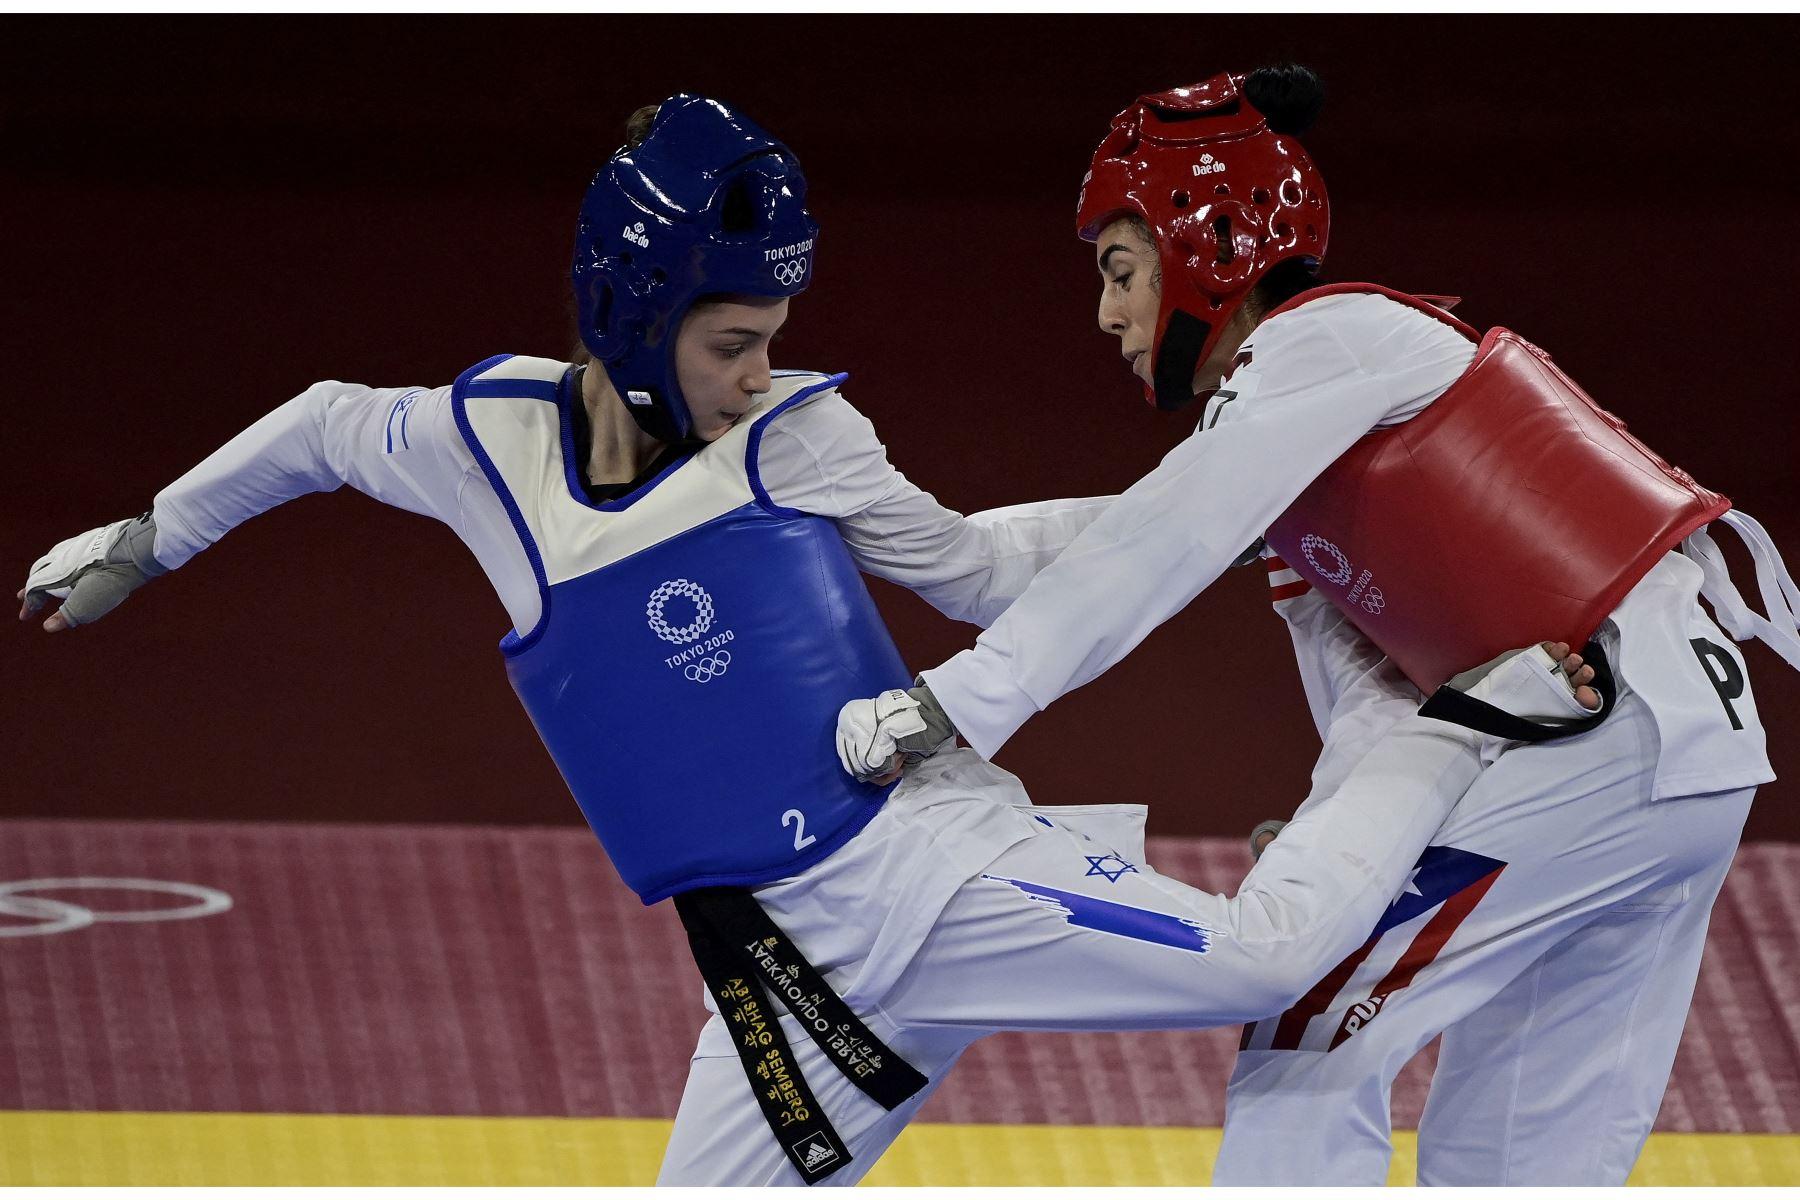 La israelí Abishag Semberg y la puertorriqueña Victoria Stambaugh compiten en la ronda eliminatoria femenina de taekwondo de -49 kg durante los Juegos Olímpicos de Tokio 2020, en el Makuhari Messe Hall, en Tokio. Foto: AFP